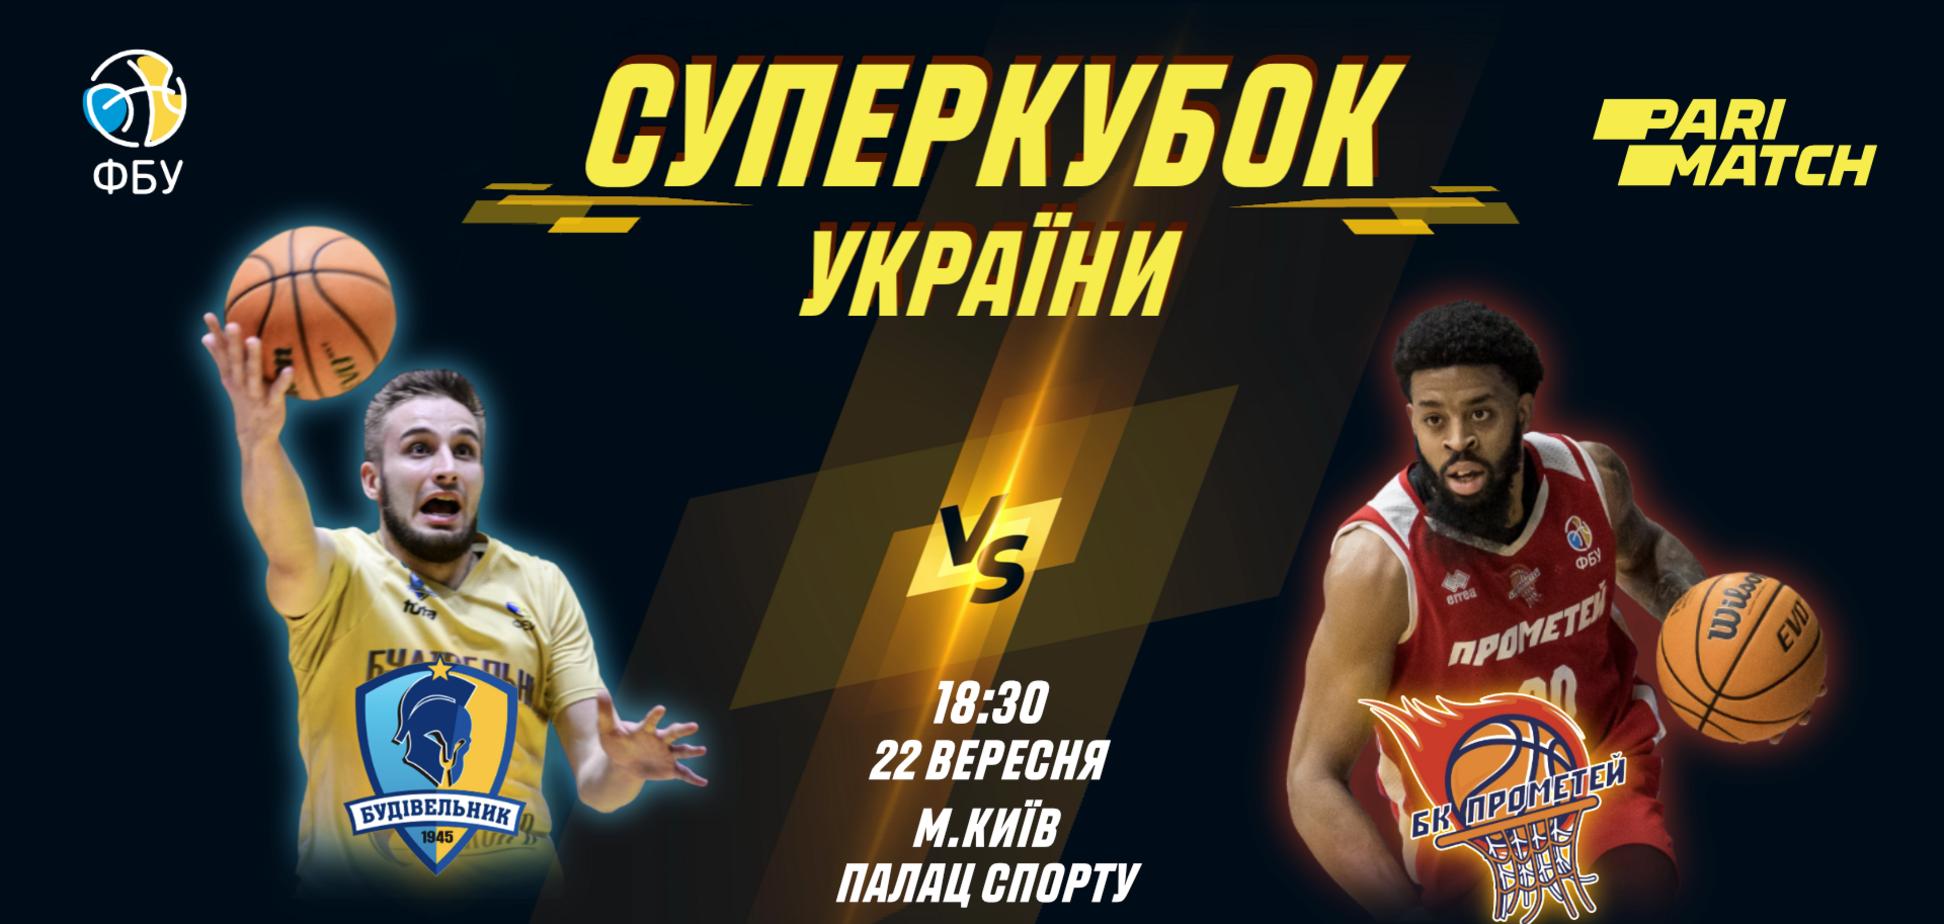 Суперкубок України 2021 квитки